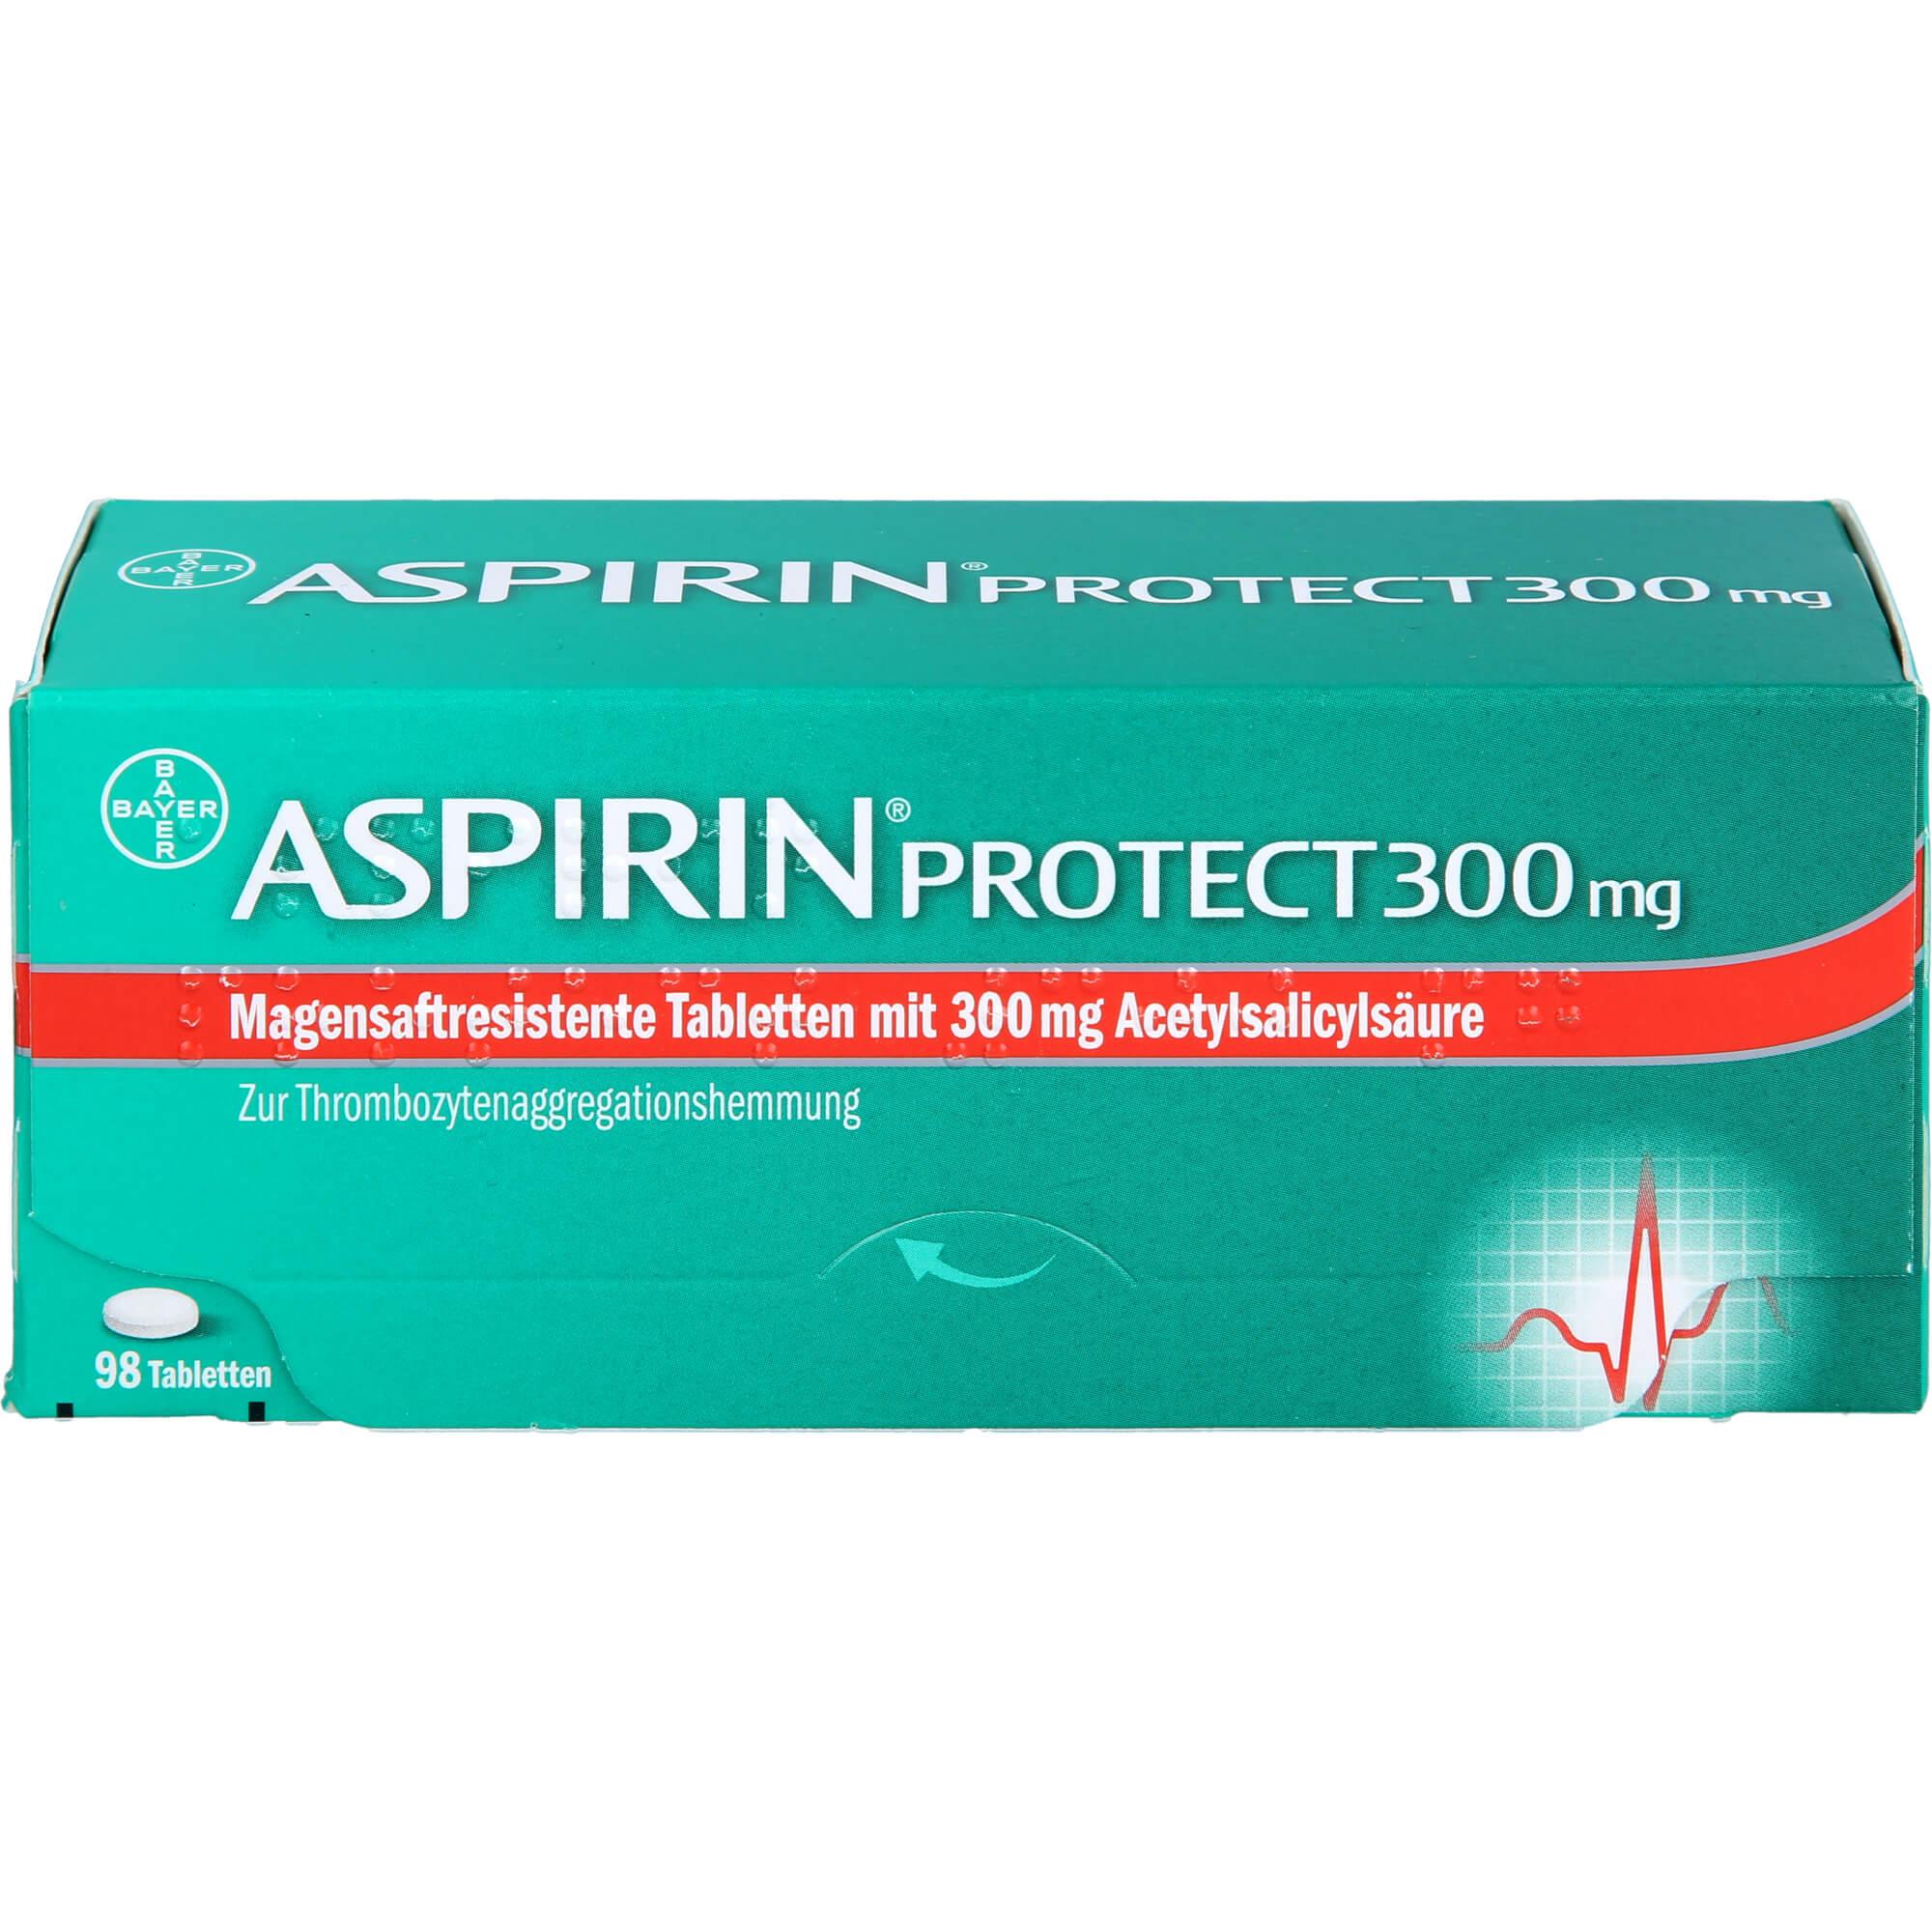 ASPIRIN-Protect-300-mg-magensaftres-Tabletten